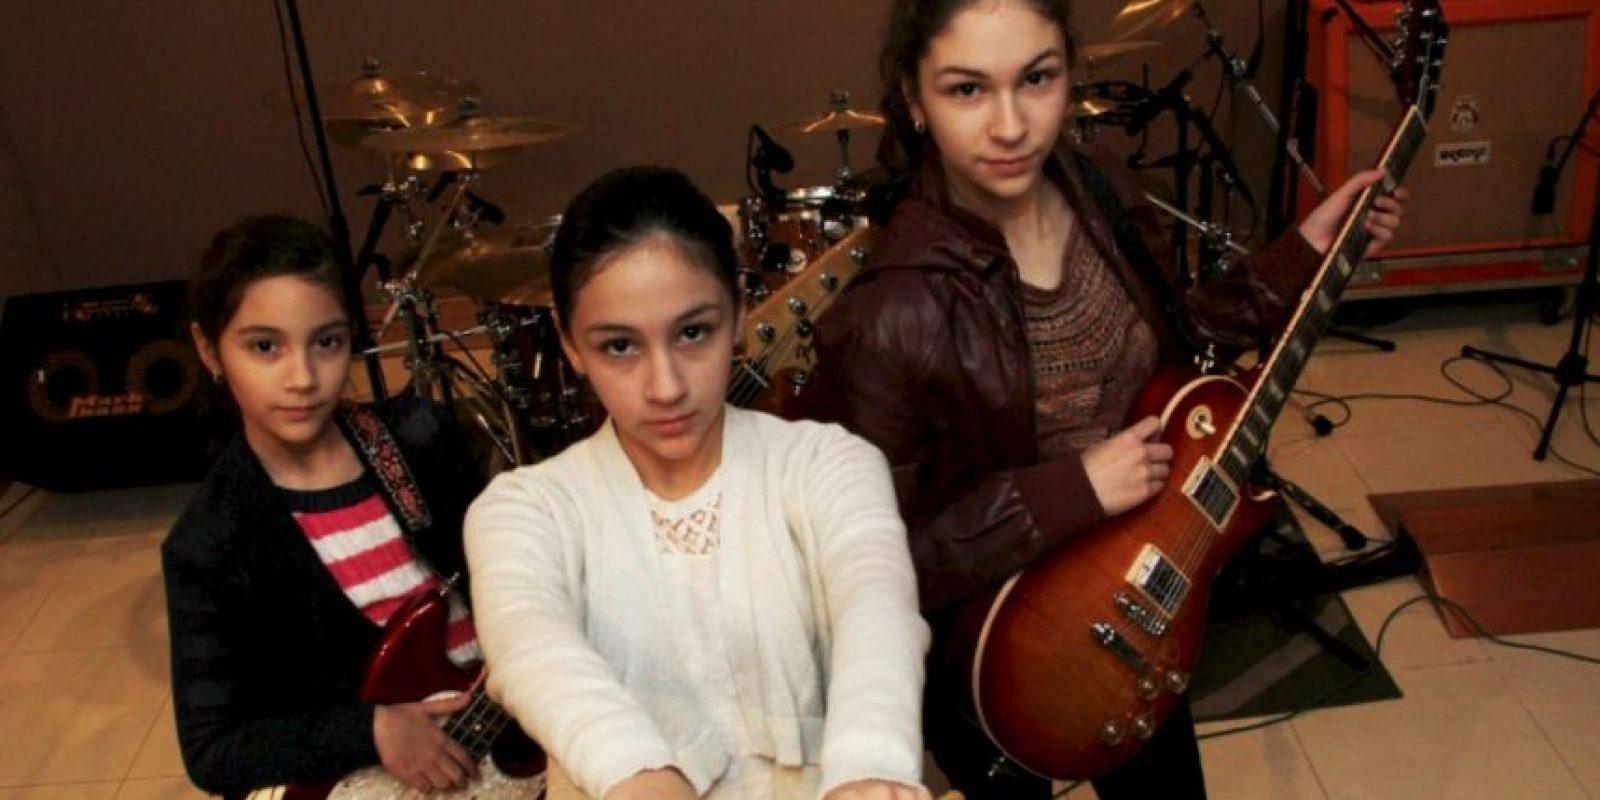 Con respecto a sus gustos musicales, a pesar de que a las tres las une su pasión por el rock, aseguran que sus gustos musicales son amplios y muy variados. Foto:Israel Salazar / Publimetro